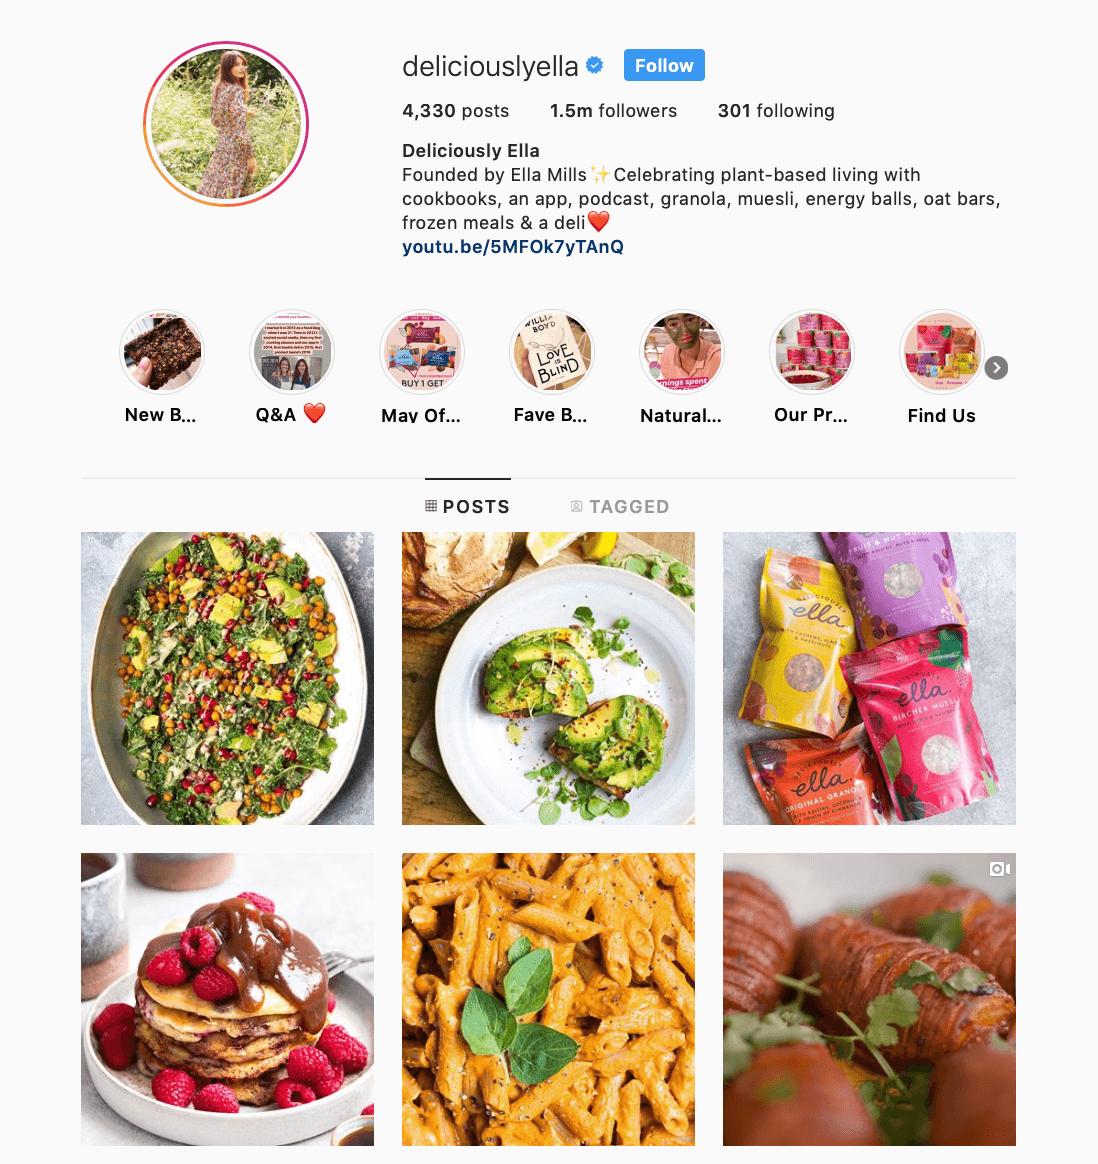 Təsirli marketinq Instagram | Ən yaxşı marketinq Instagram 25